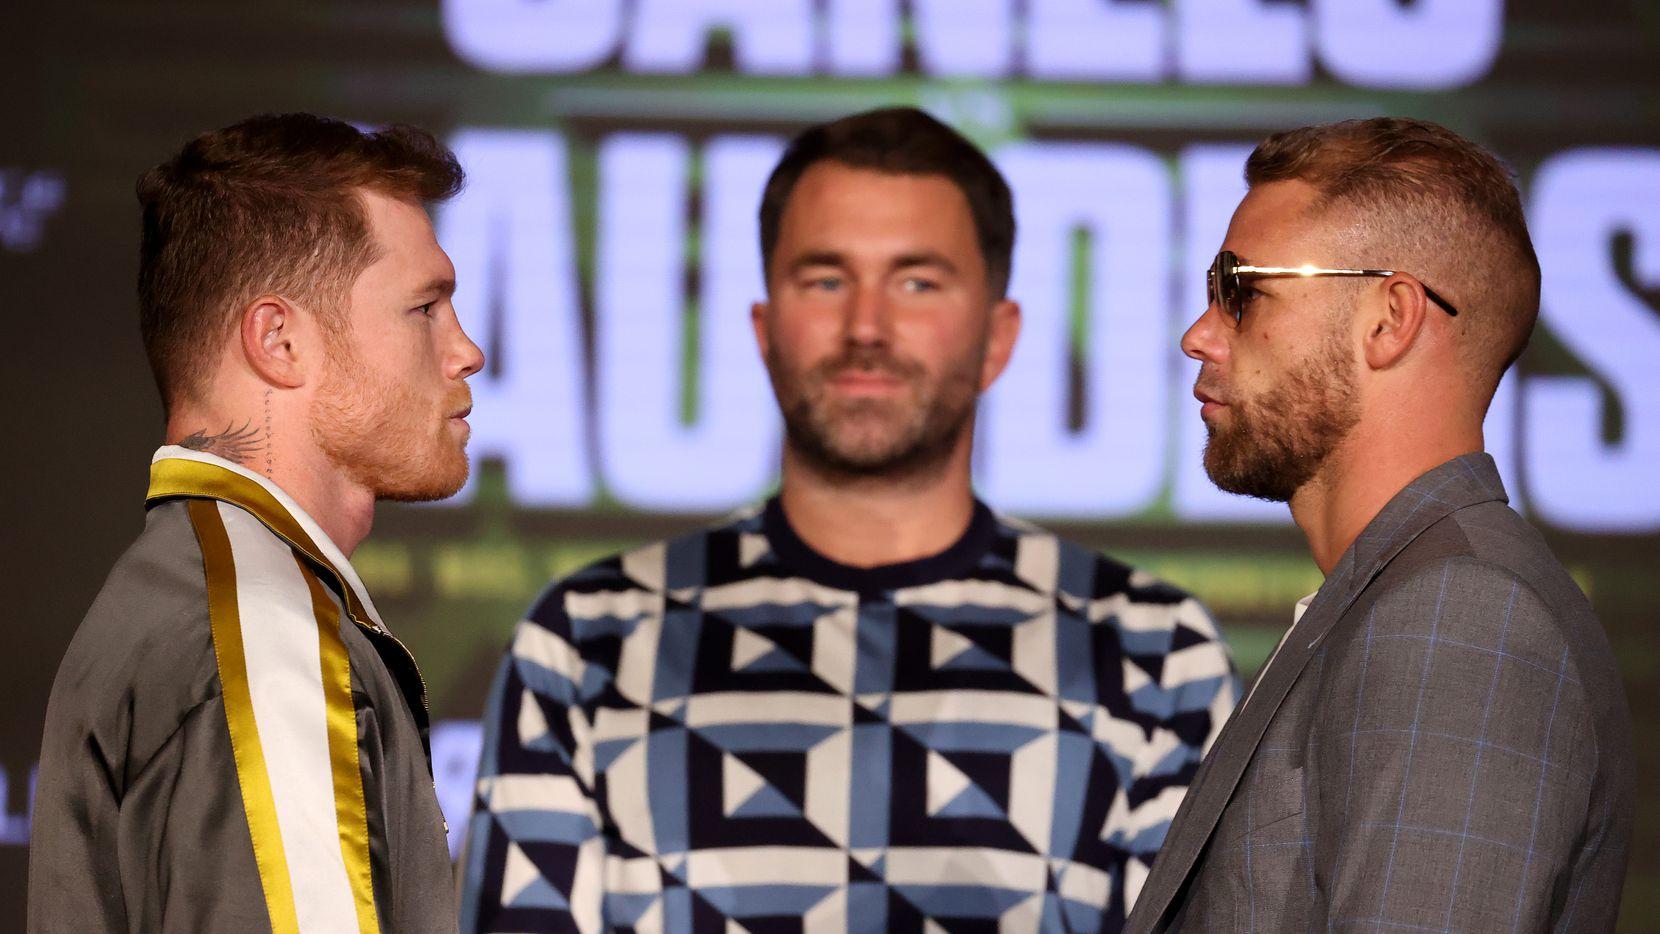 """Saúl  """"Canelo"""" Álvarez (izq) y Billy Joe Saunders (der) se ven cara a cara durante la conferencia de prensa  en el Live! by Loews hotel, el 6 de mayo de 2021. El promotor Eddie Hearn en medio de ambos peleadores."""